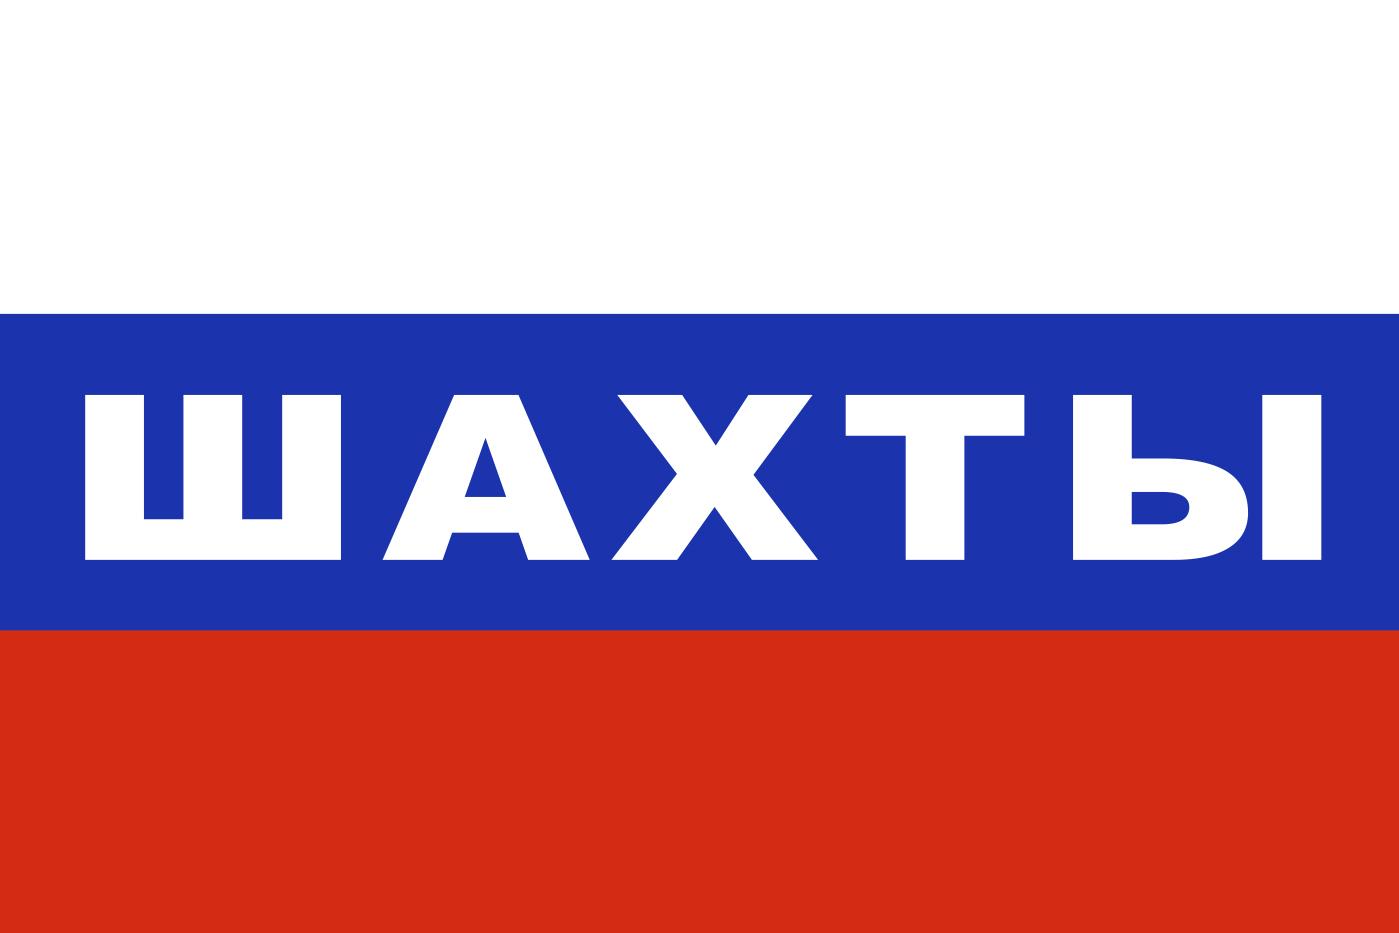 Флаг триколор Шахты